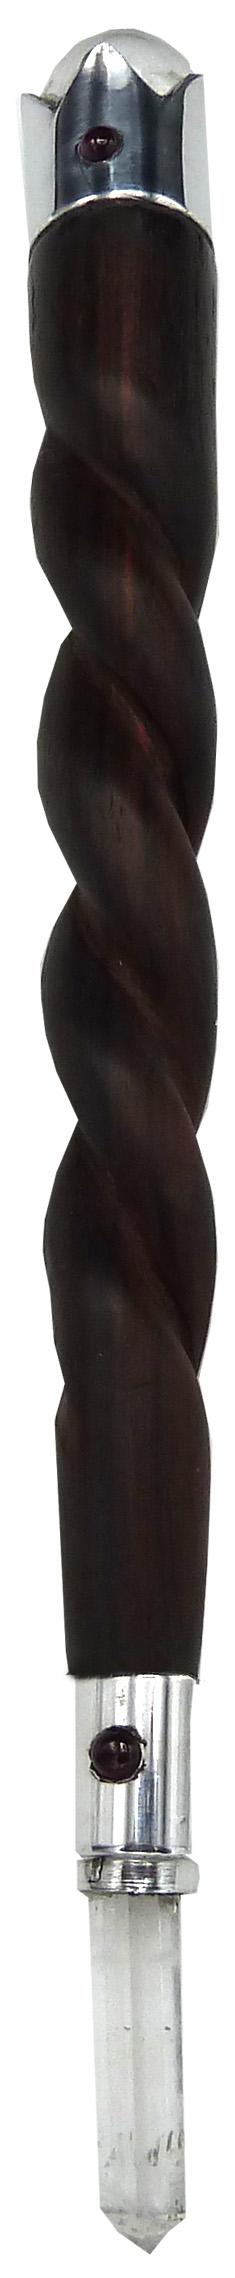 Bâton de soin bois de rose 17 cm